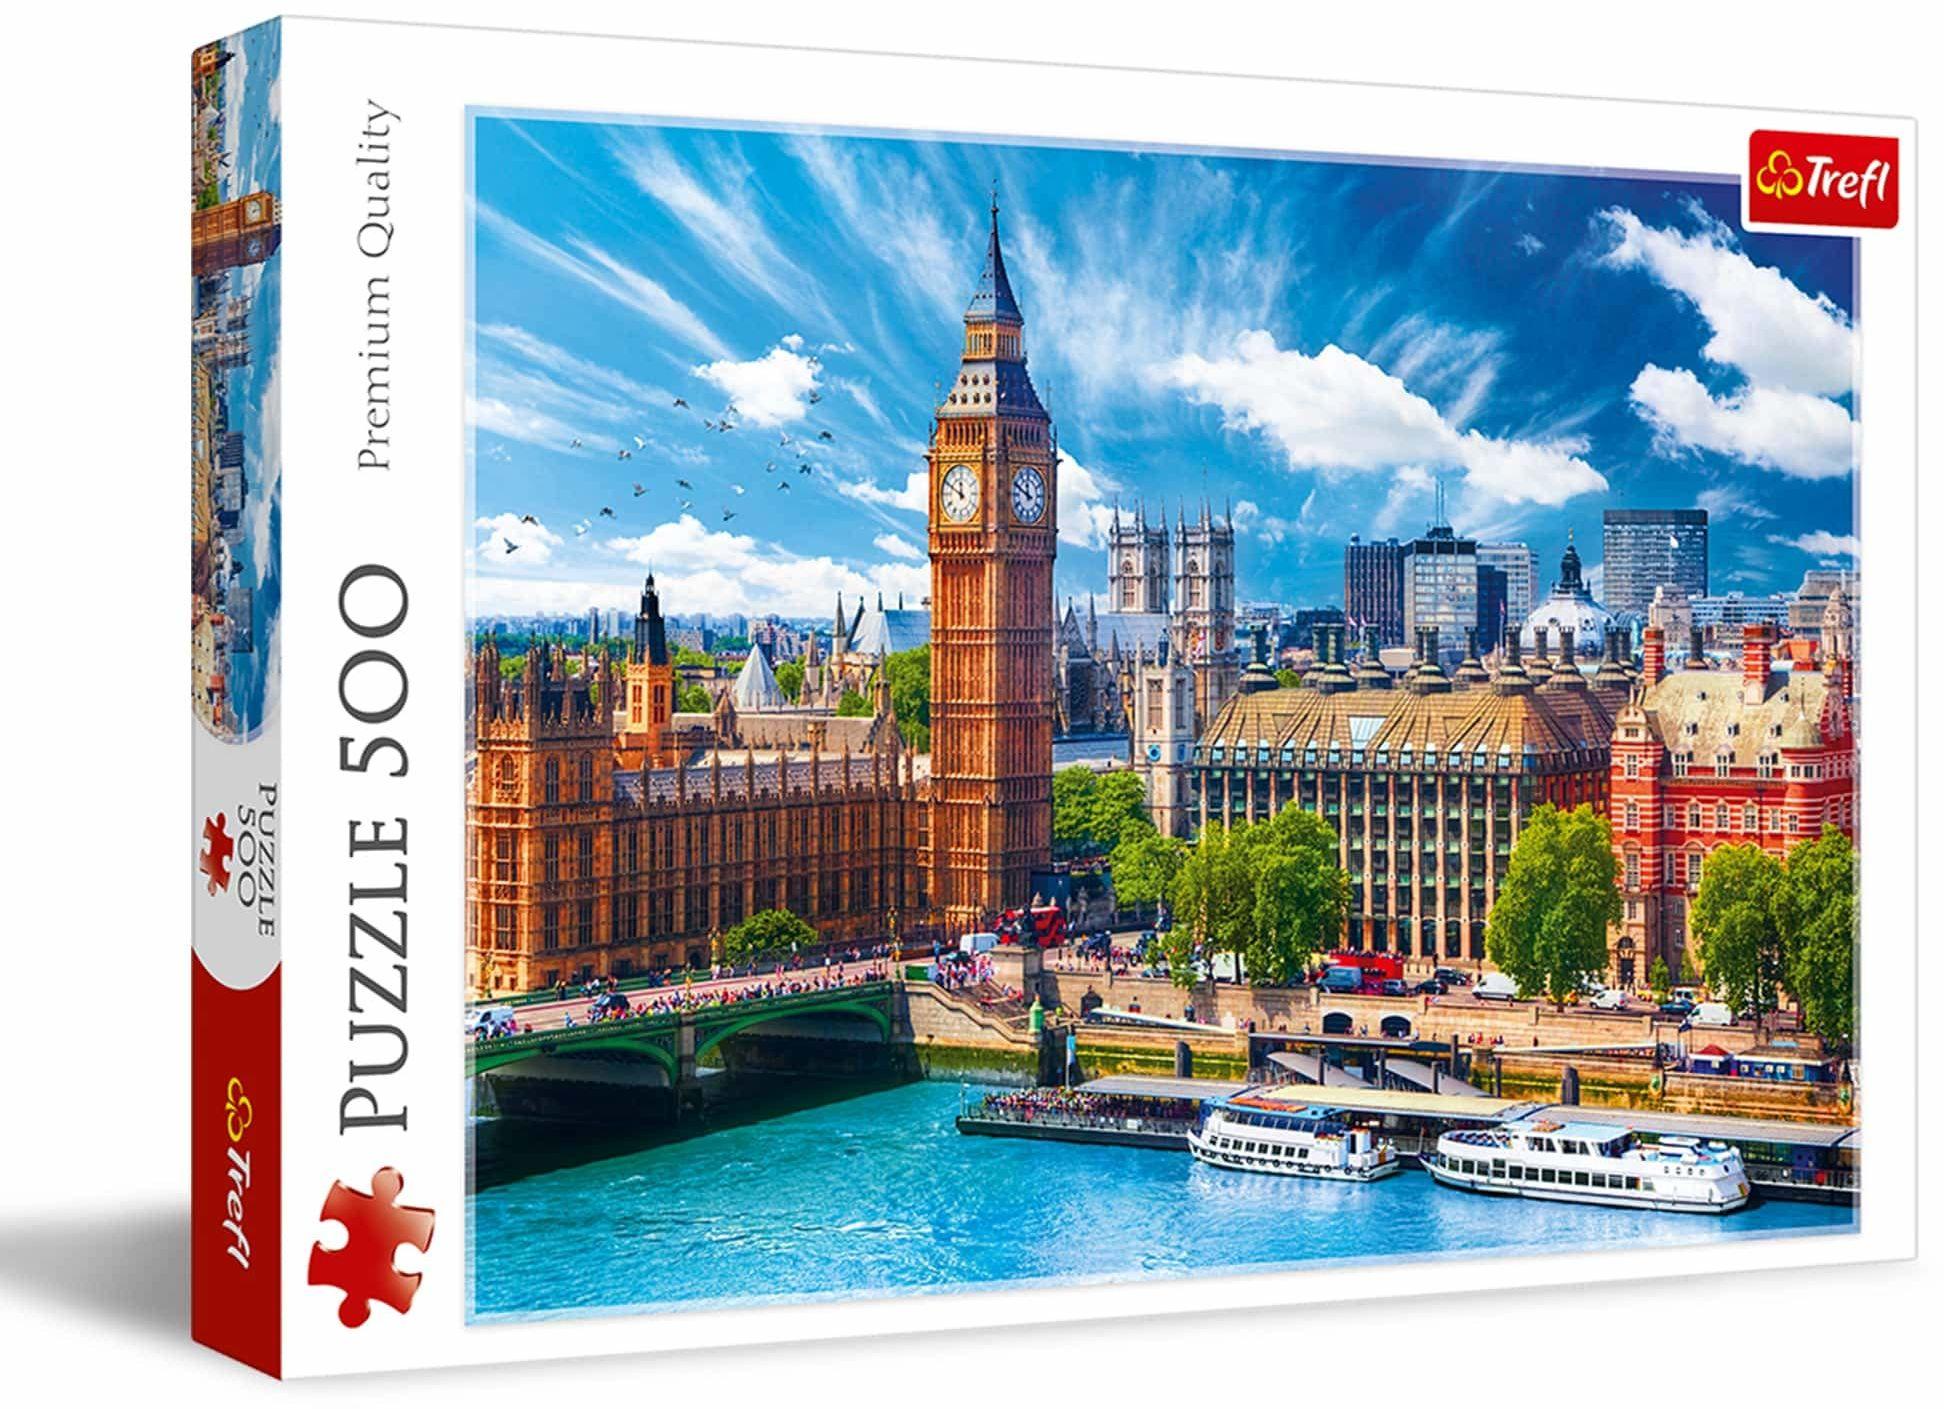 Trefl Słoneczny Londyn Puzzle 500 Elementów o Wysokiej Jakości Nadruku dla Dorosłych i Dzieci od 10 lat